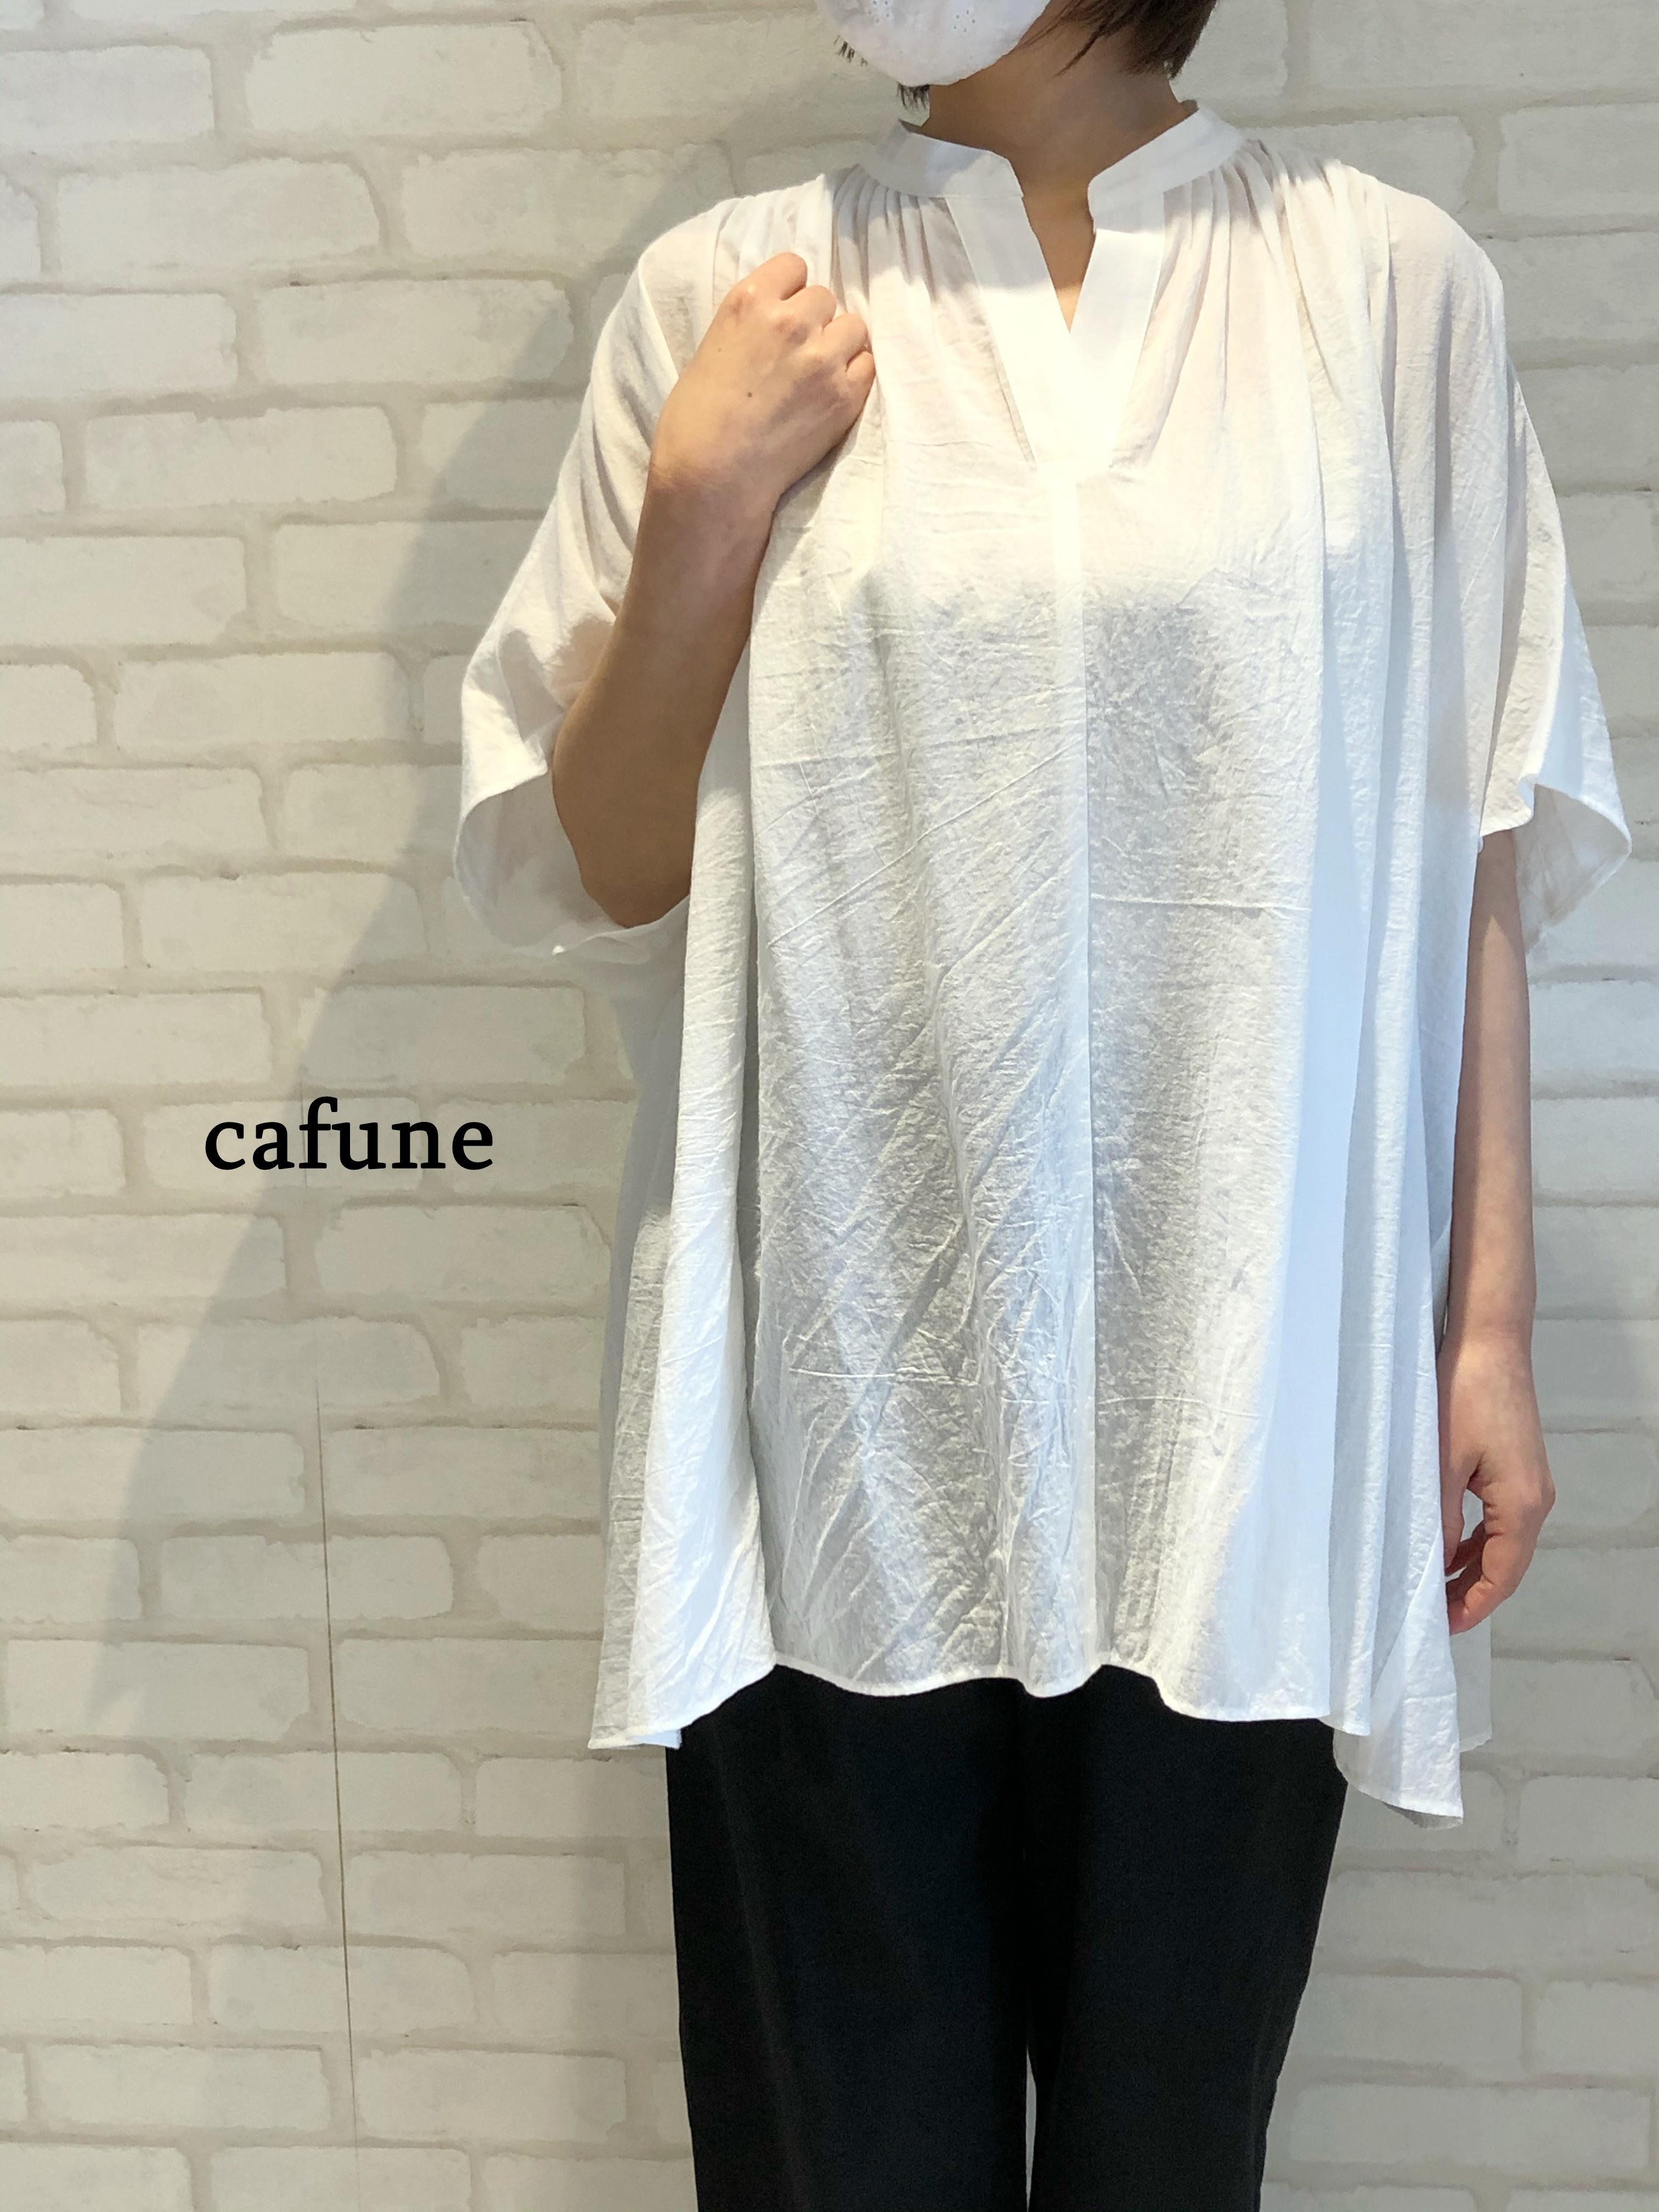 cafune/125912/スッキッパーデザインブラウス(ホワイト)